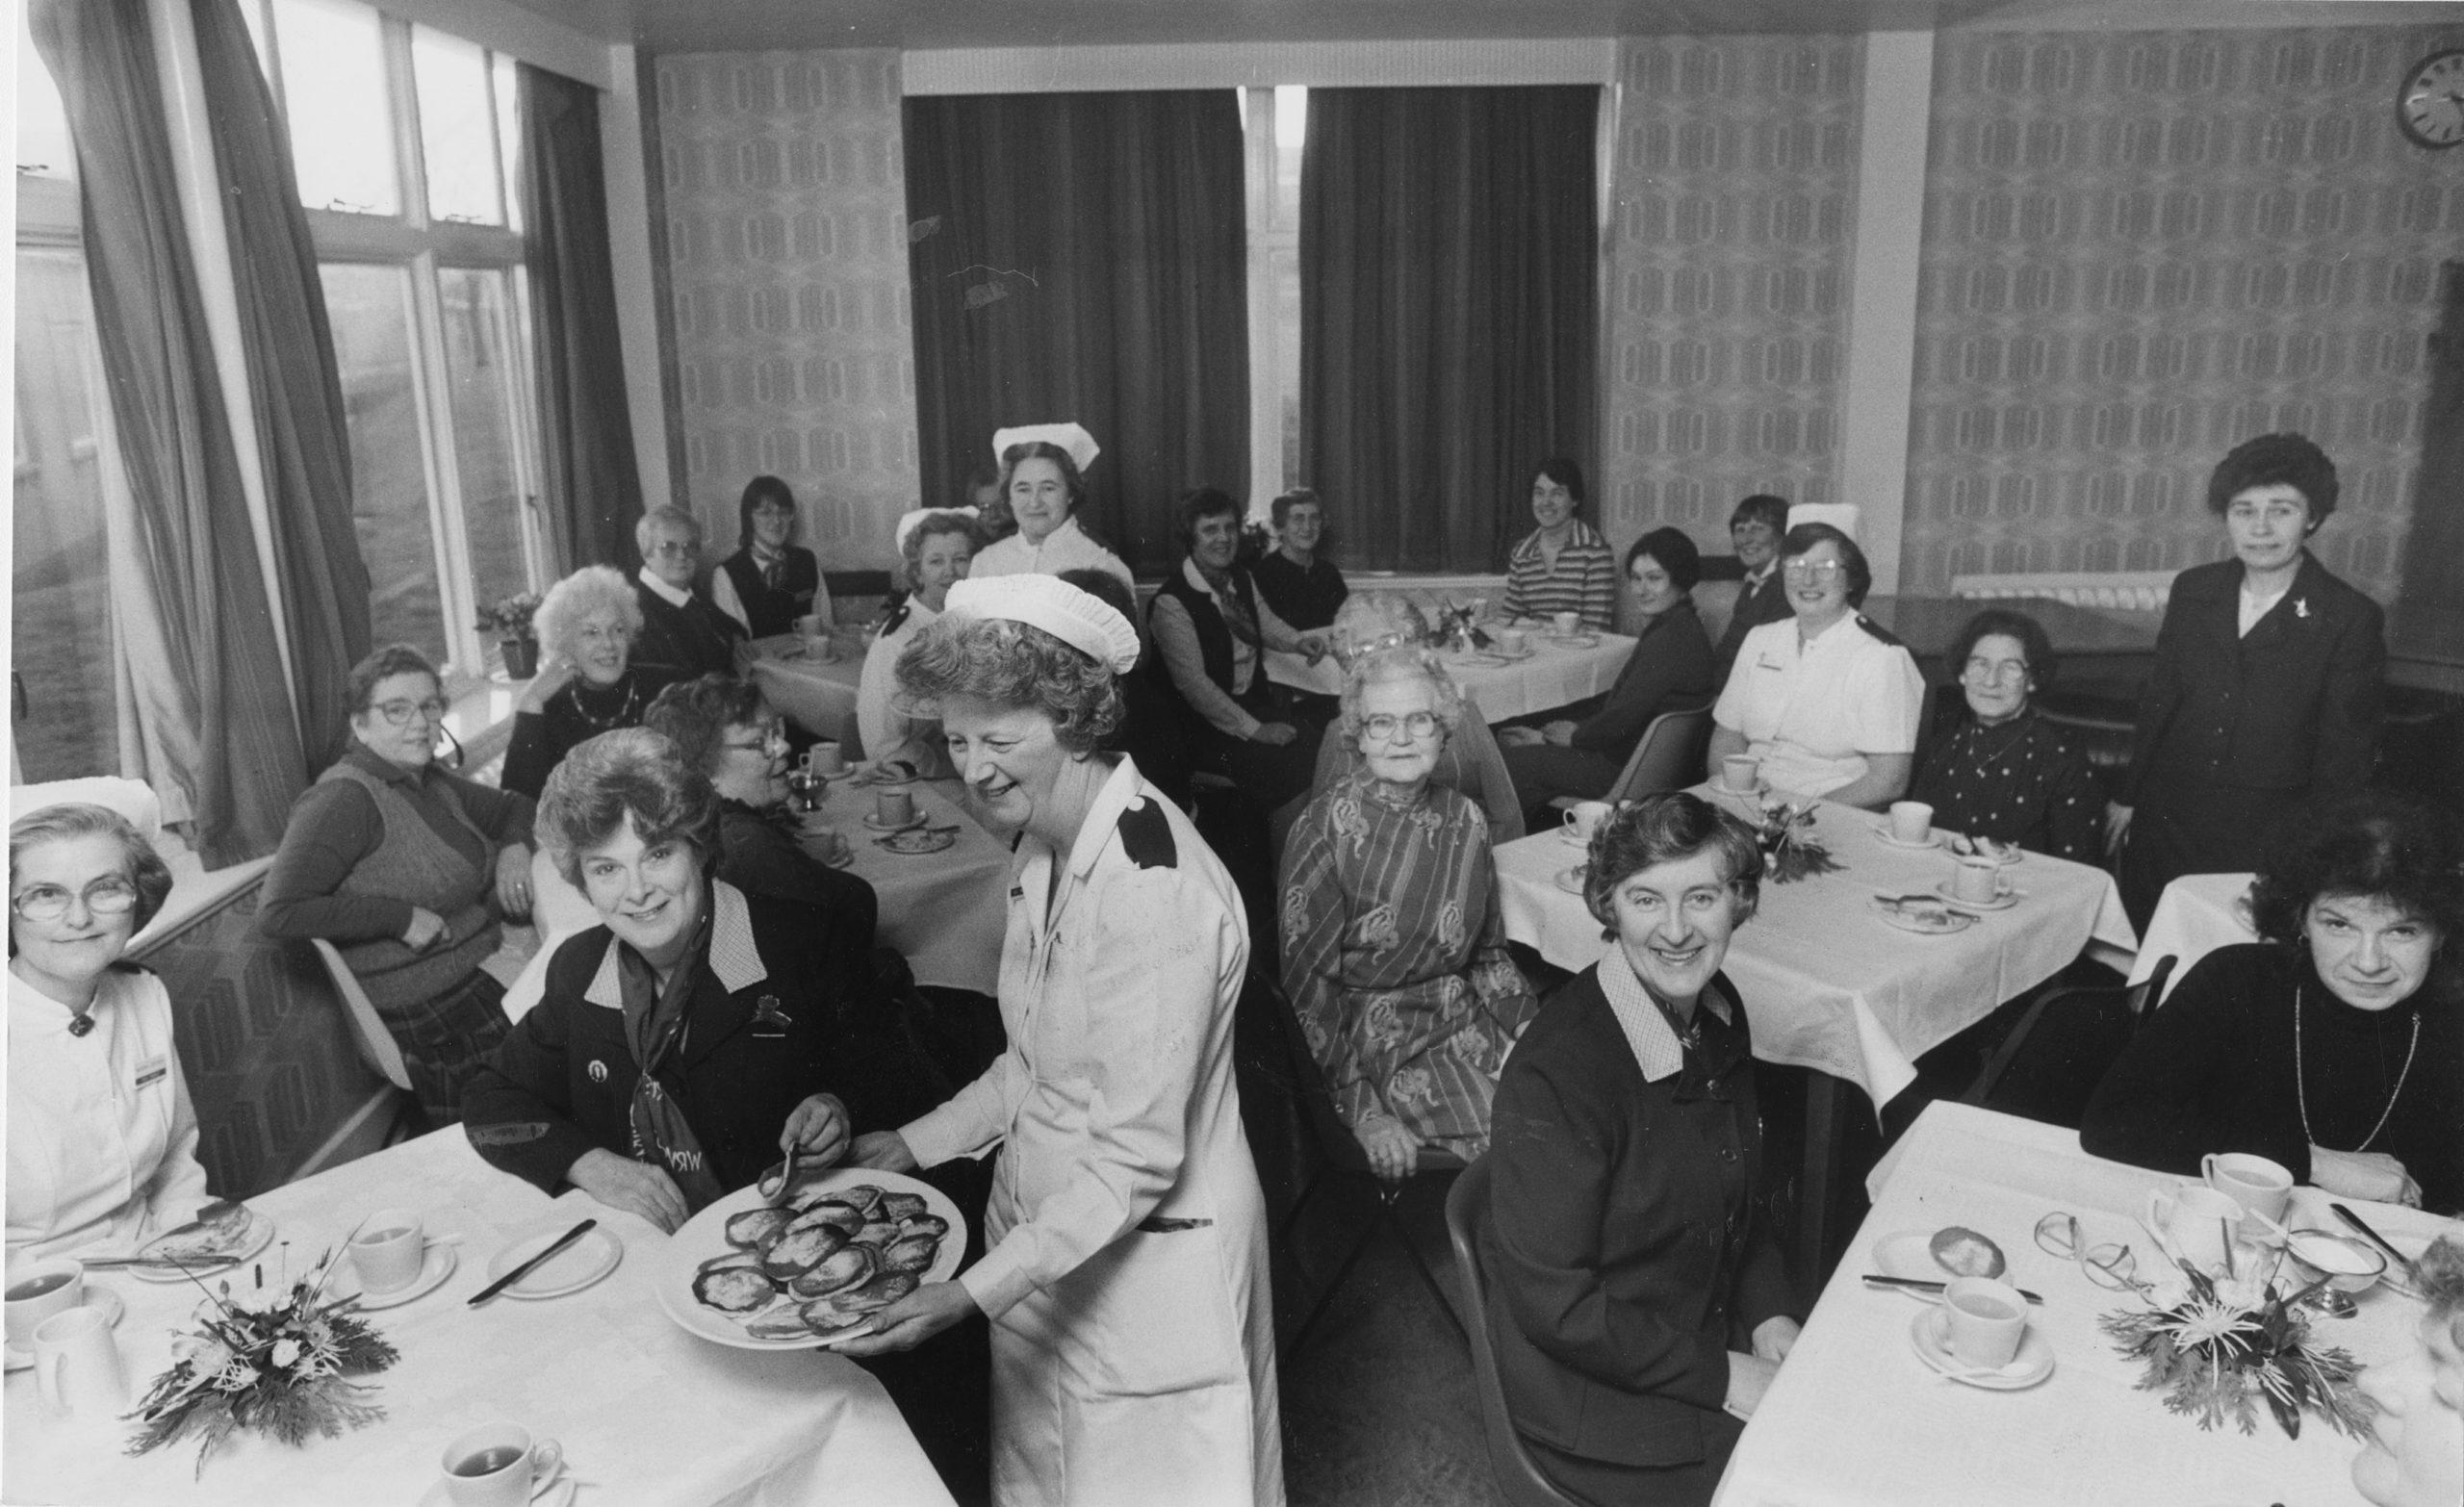 Aberdeen Children's Hospital 1985-01-08 (C)AJL  Muriel is sat far left